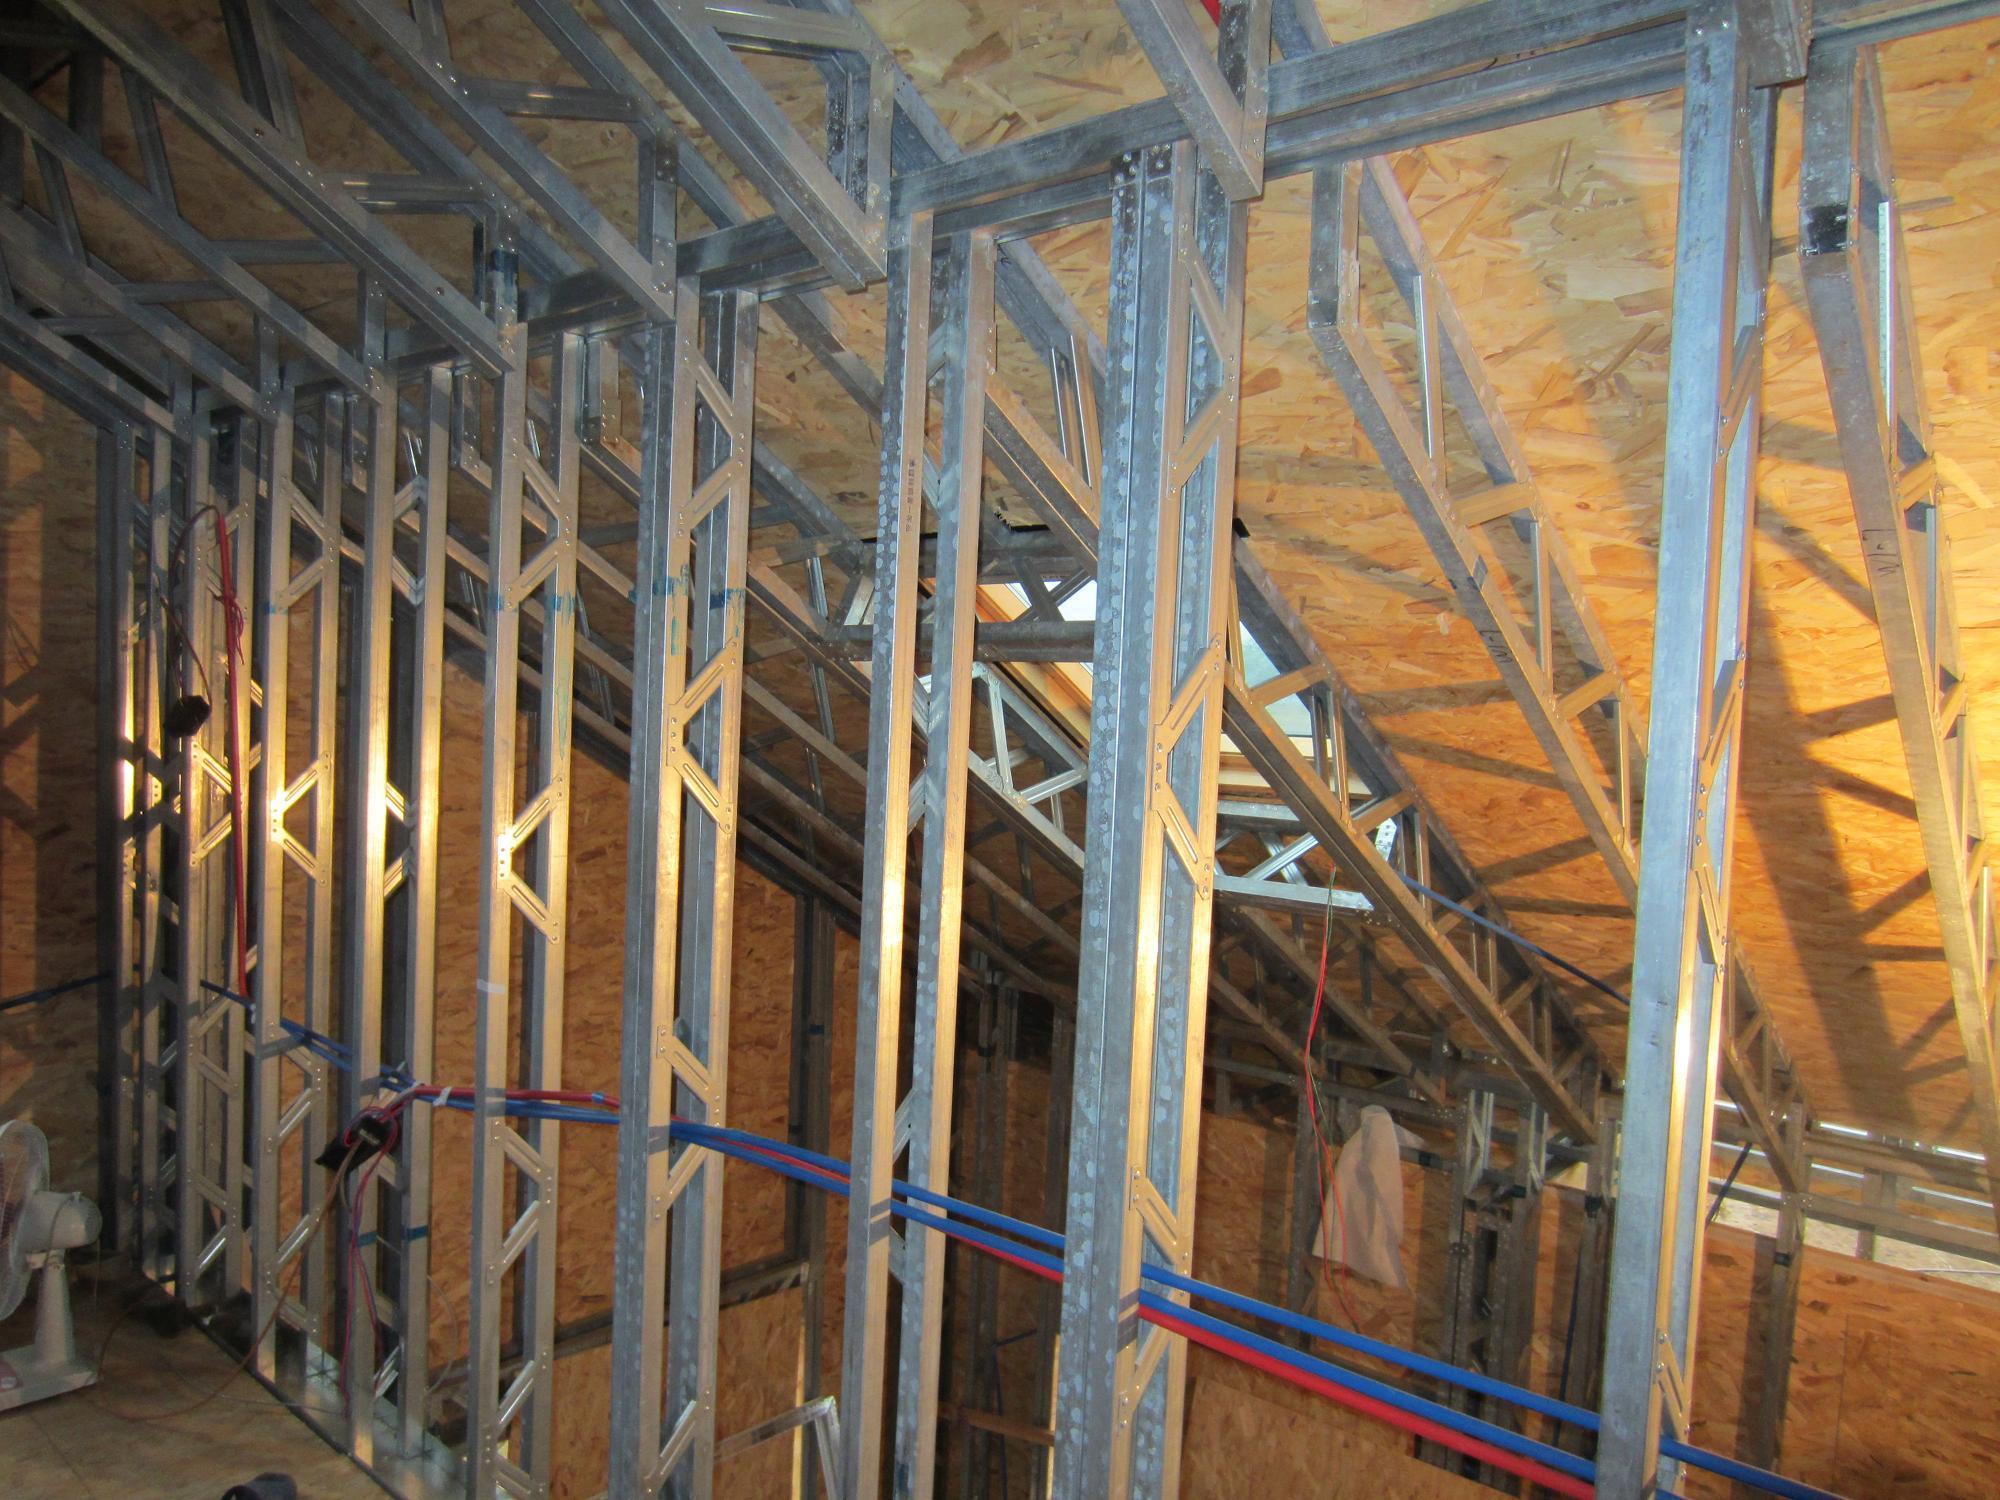 无比钢结构 轻钢龙骨 集成房屋 抗震房屋 定制安装 薄壁轻钢结构